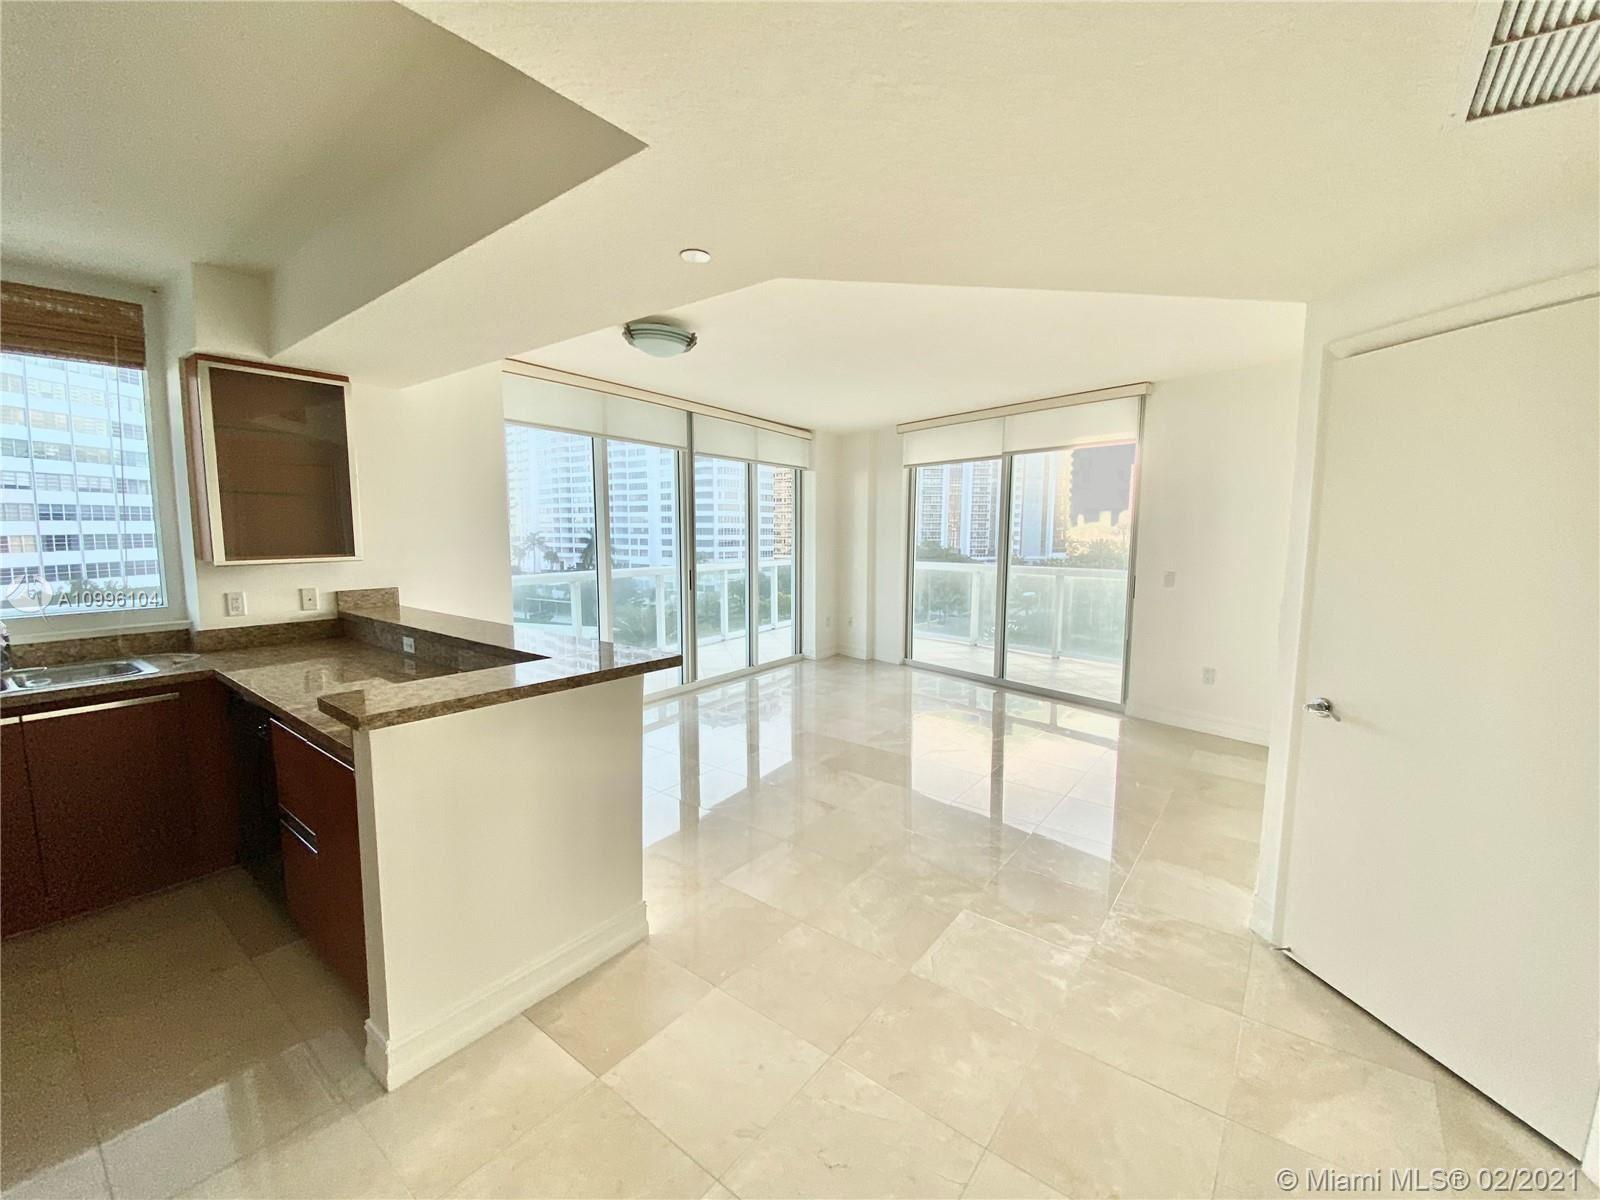 10 Venetian Way #606, Miami Beach, FL 33139 - #: A10996104